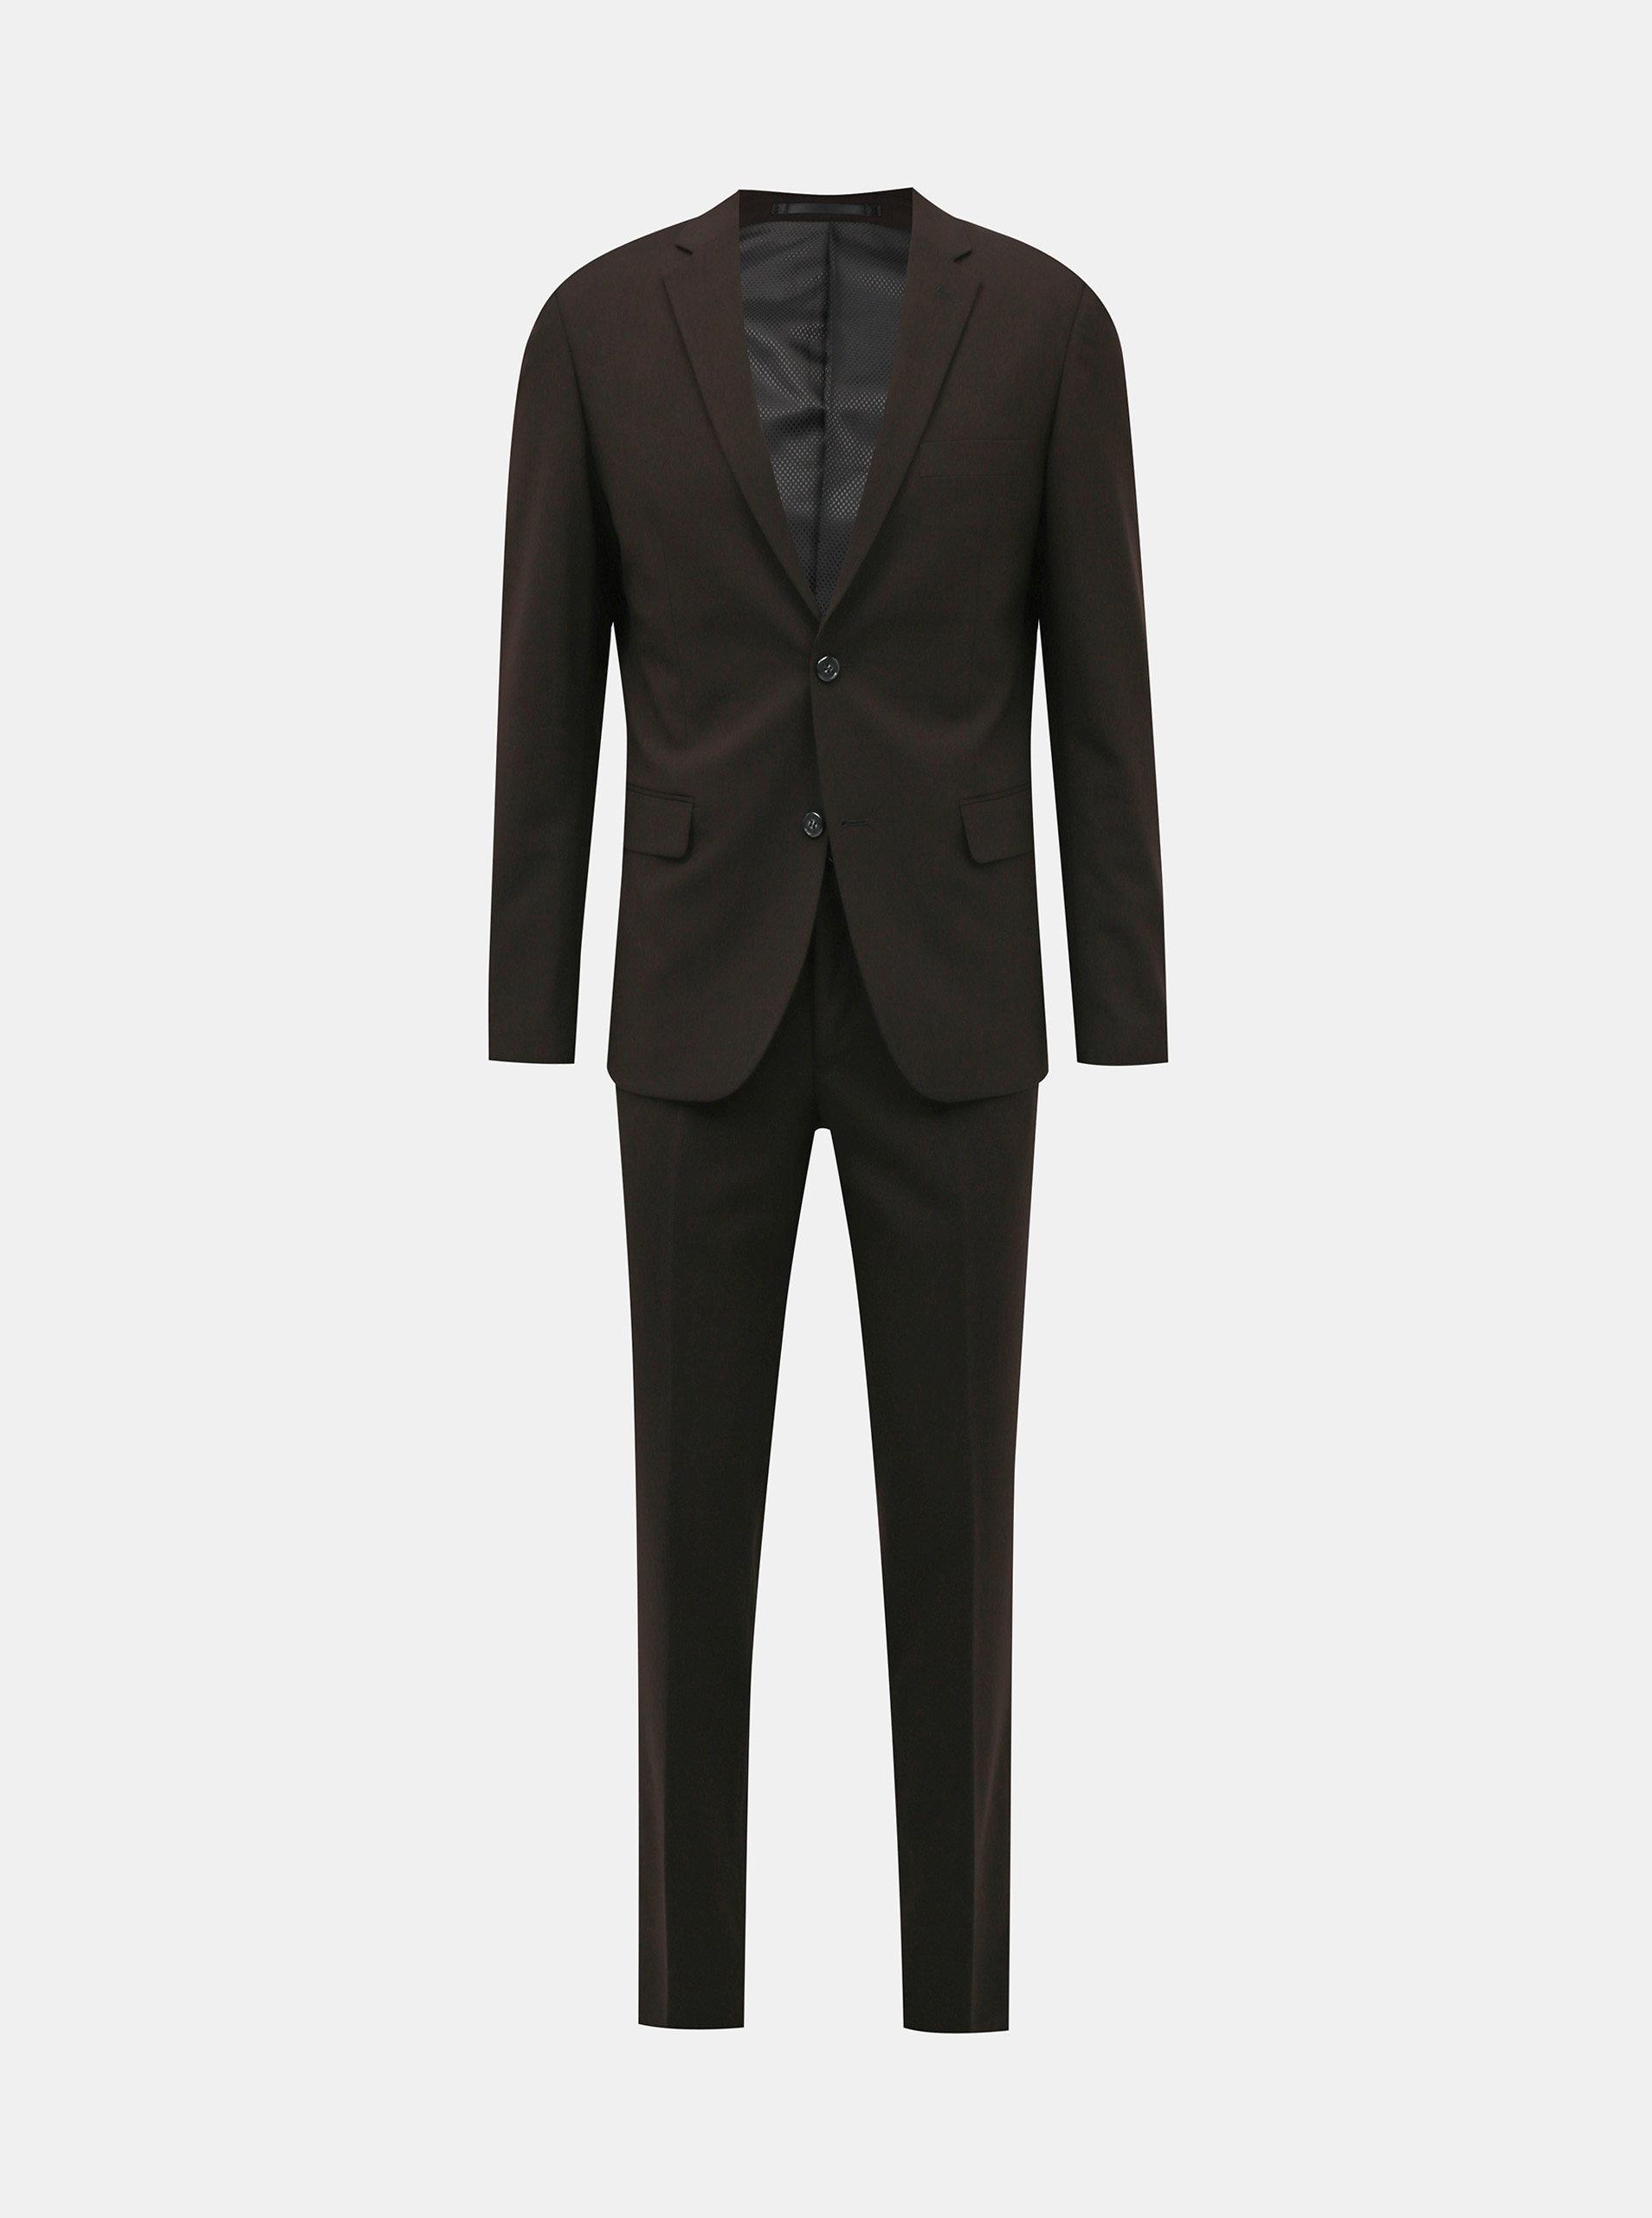 Pánské obleky a saka